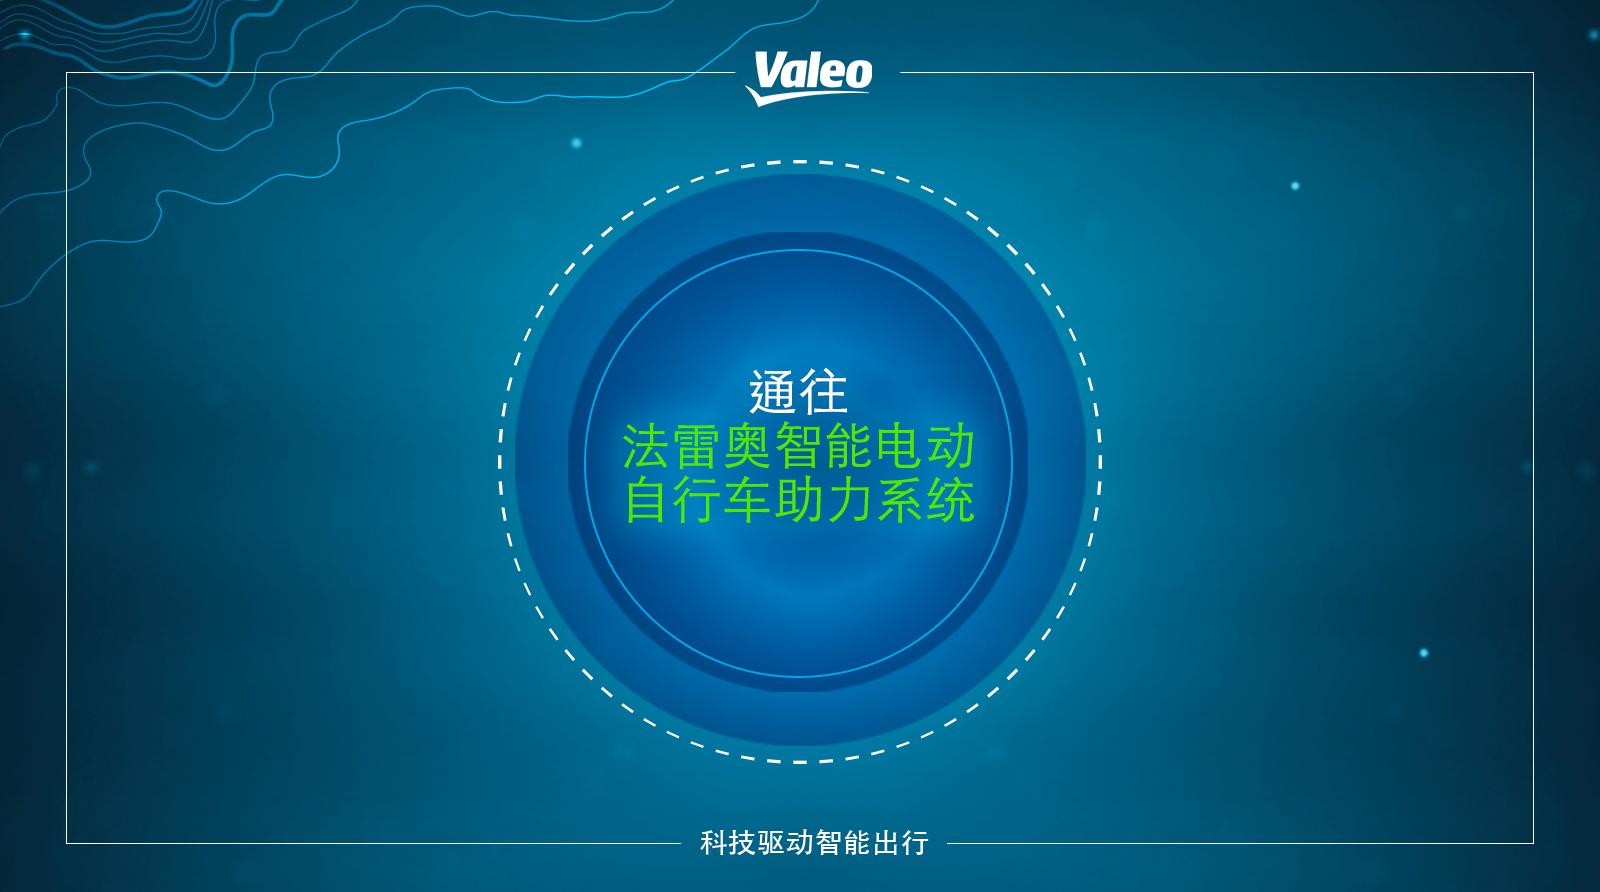 VALEO_Ebike_chinese_version